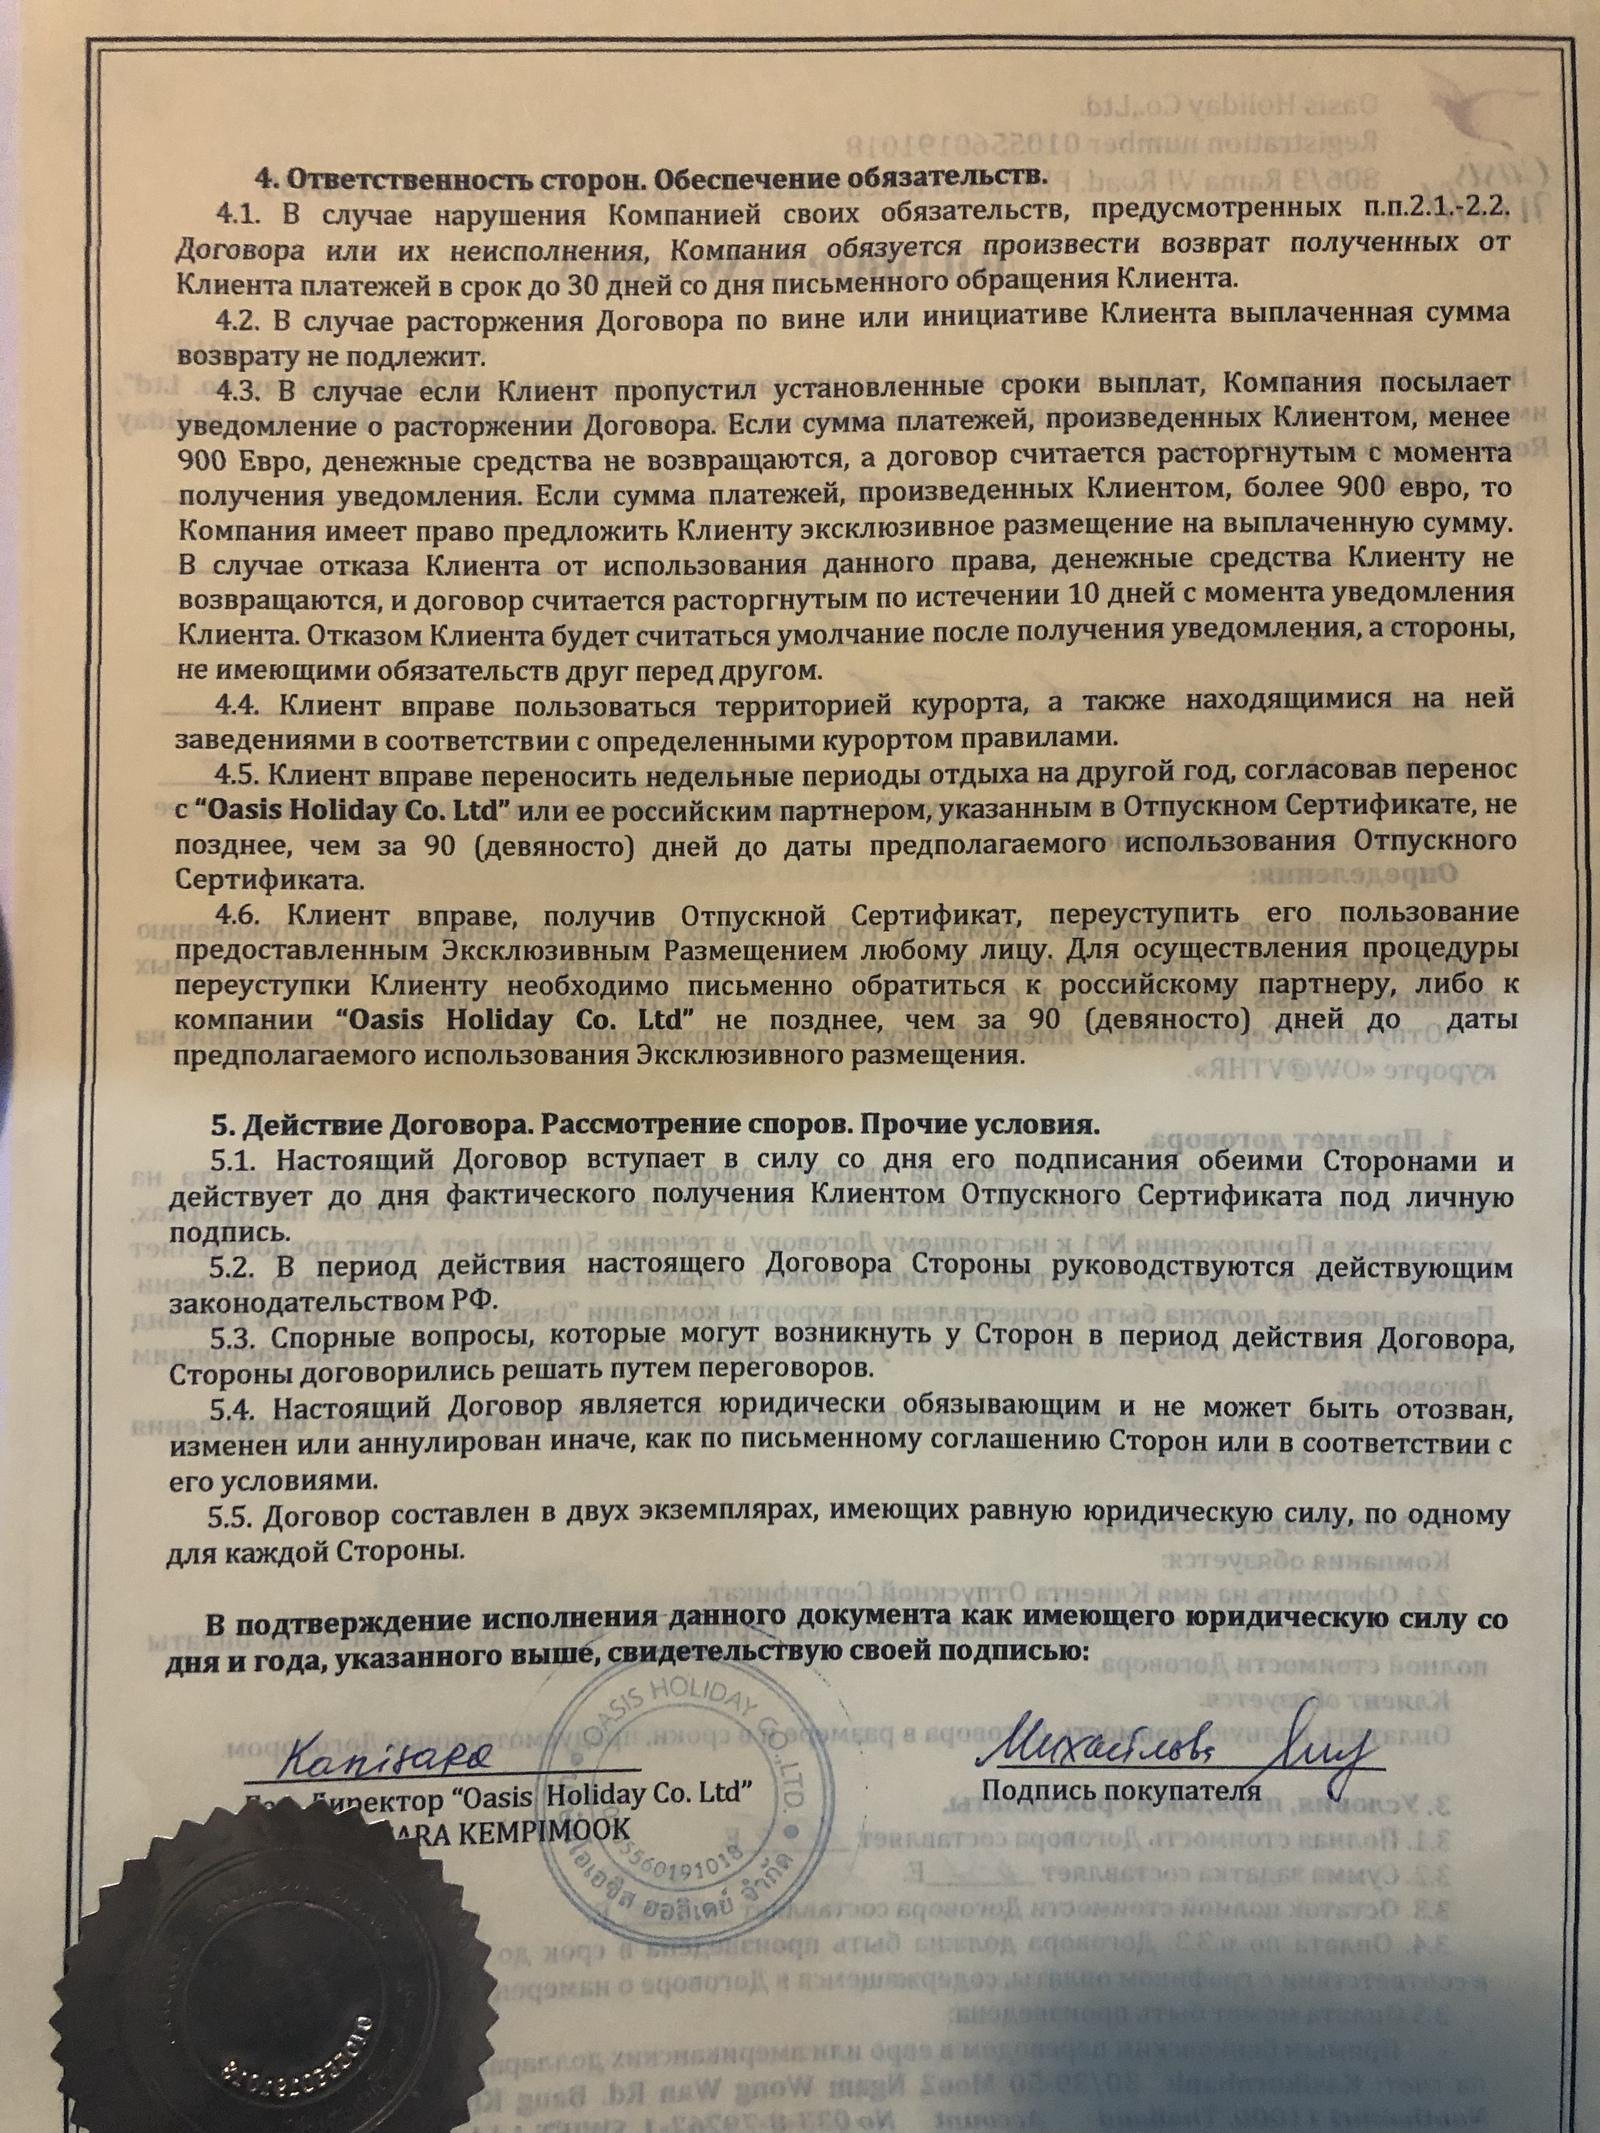 Манимен. Первый заем до 10 000 рублей.